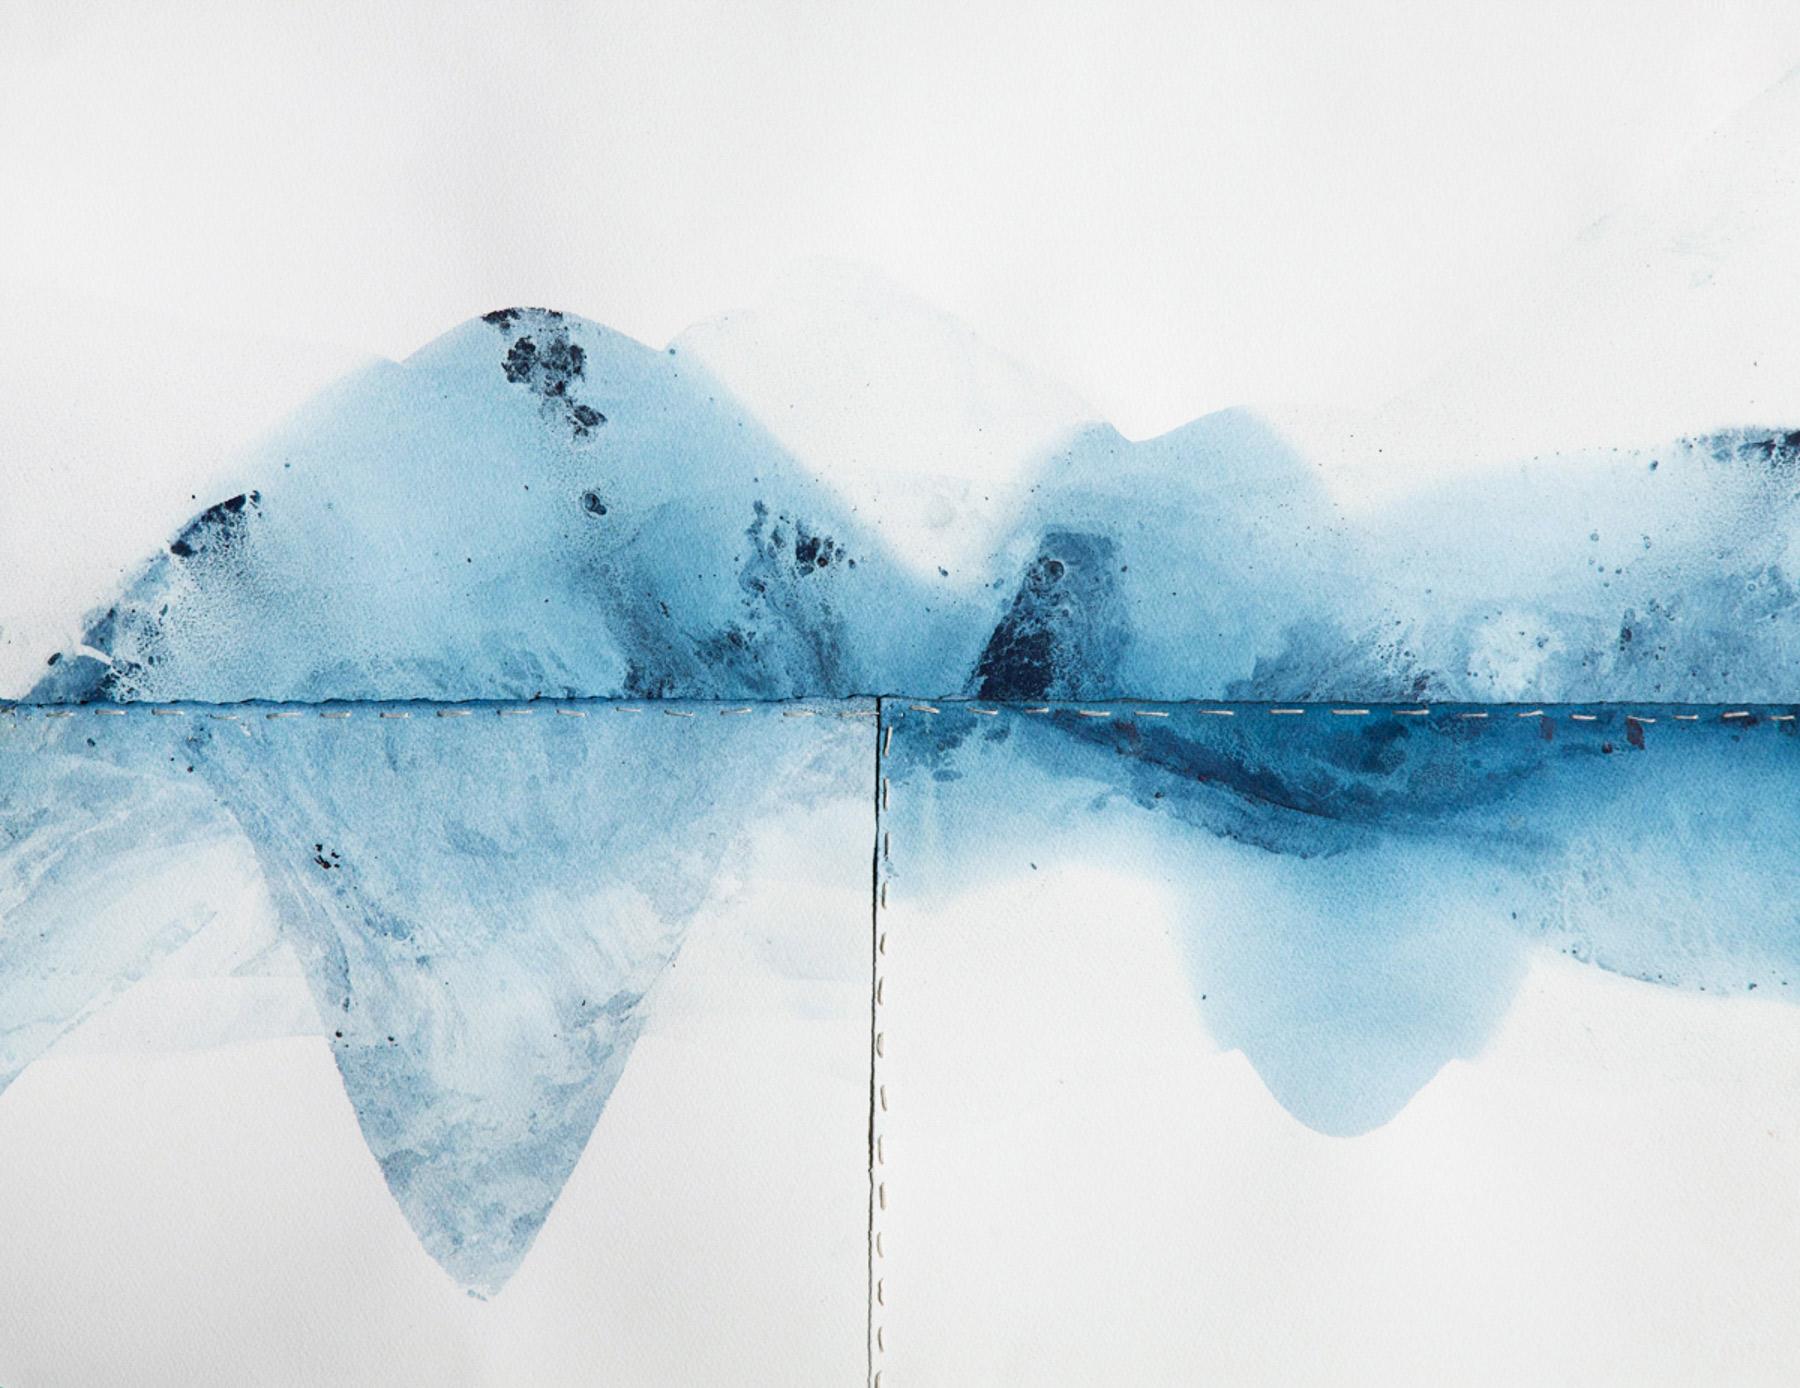 Fera Scape IX  by Nicole Kutz, 2016